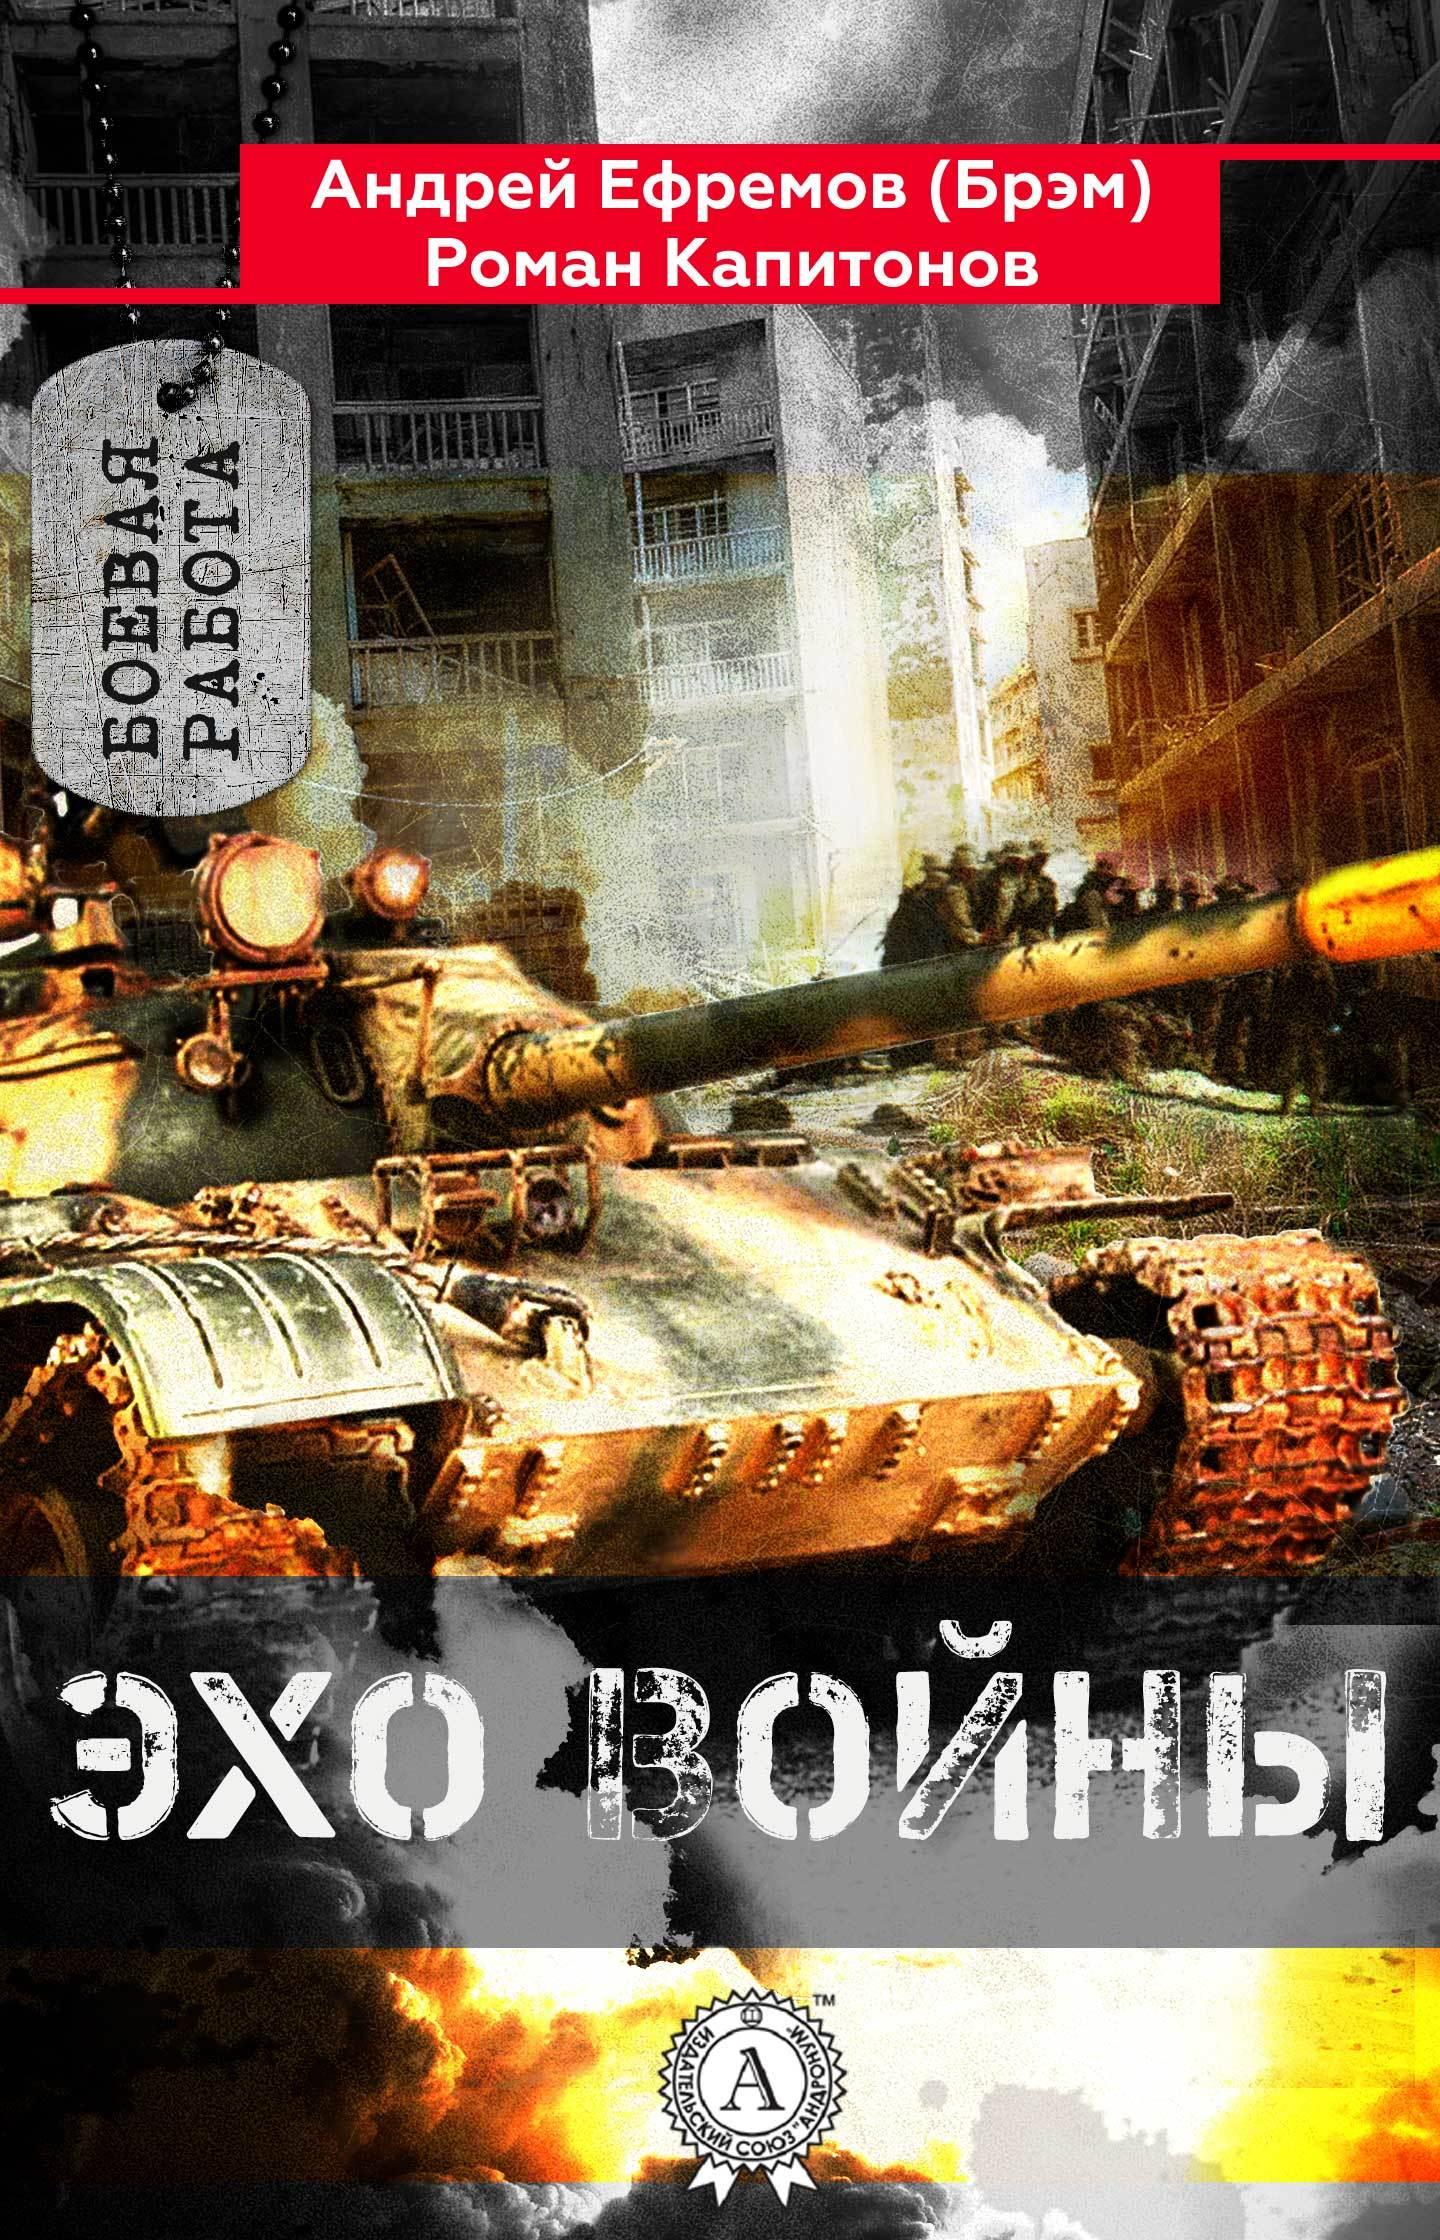 Андрей Ефремов (Брэм) Эхо войны уэллс г война миров рассказы